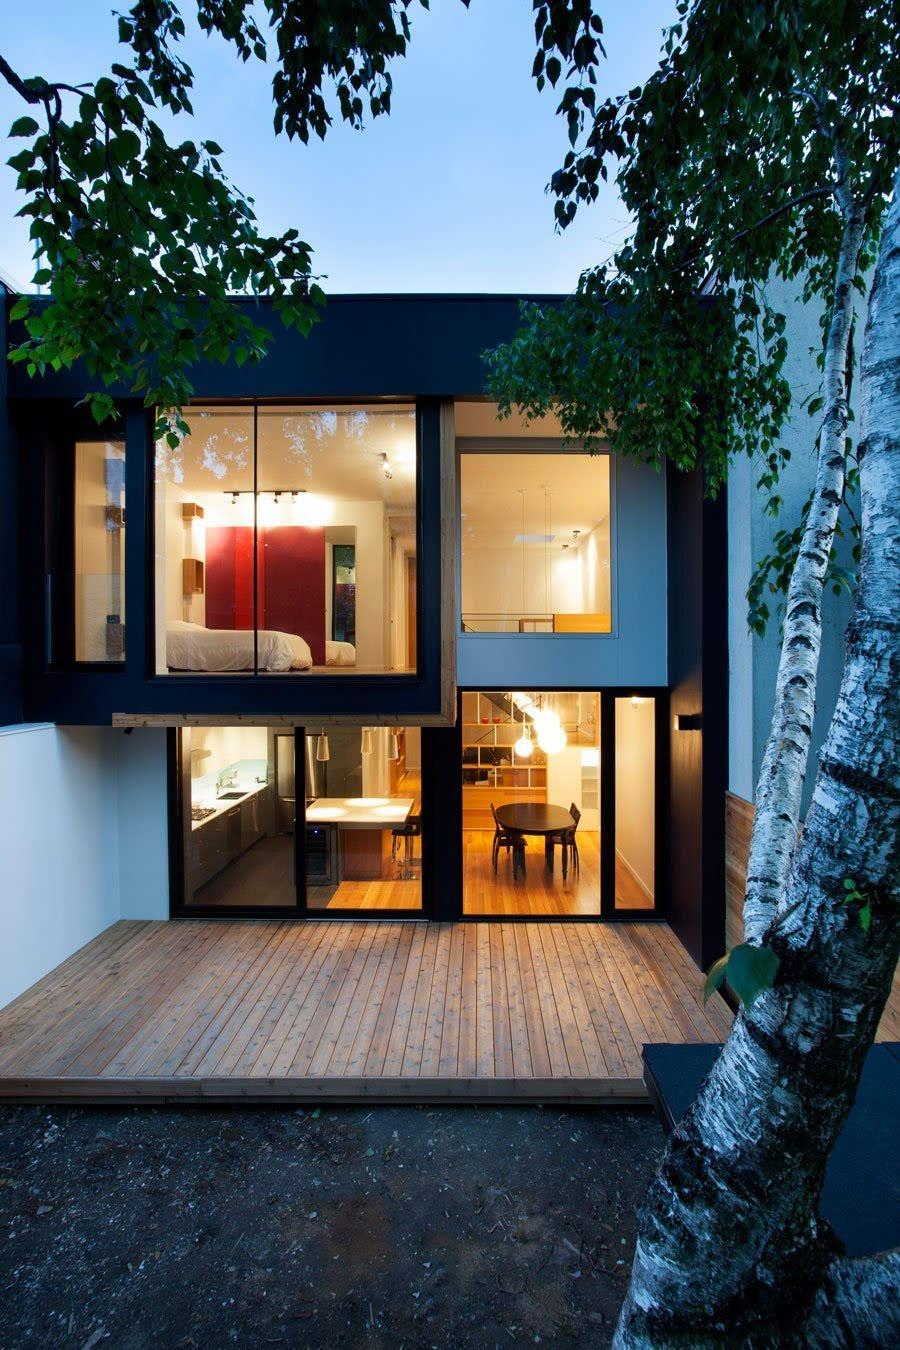 二层别墅图片大全_旧房子的新软装设计